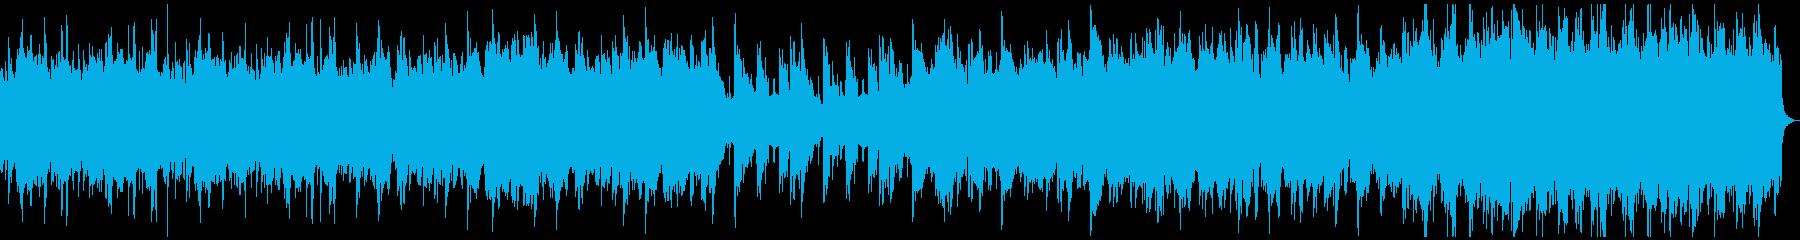 涙を誘う感動的な場面に合うBGMの再生済みの波形